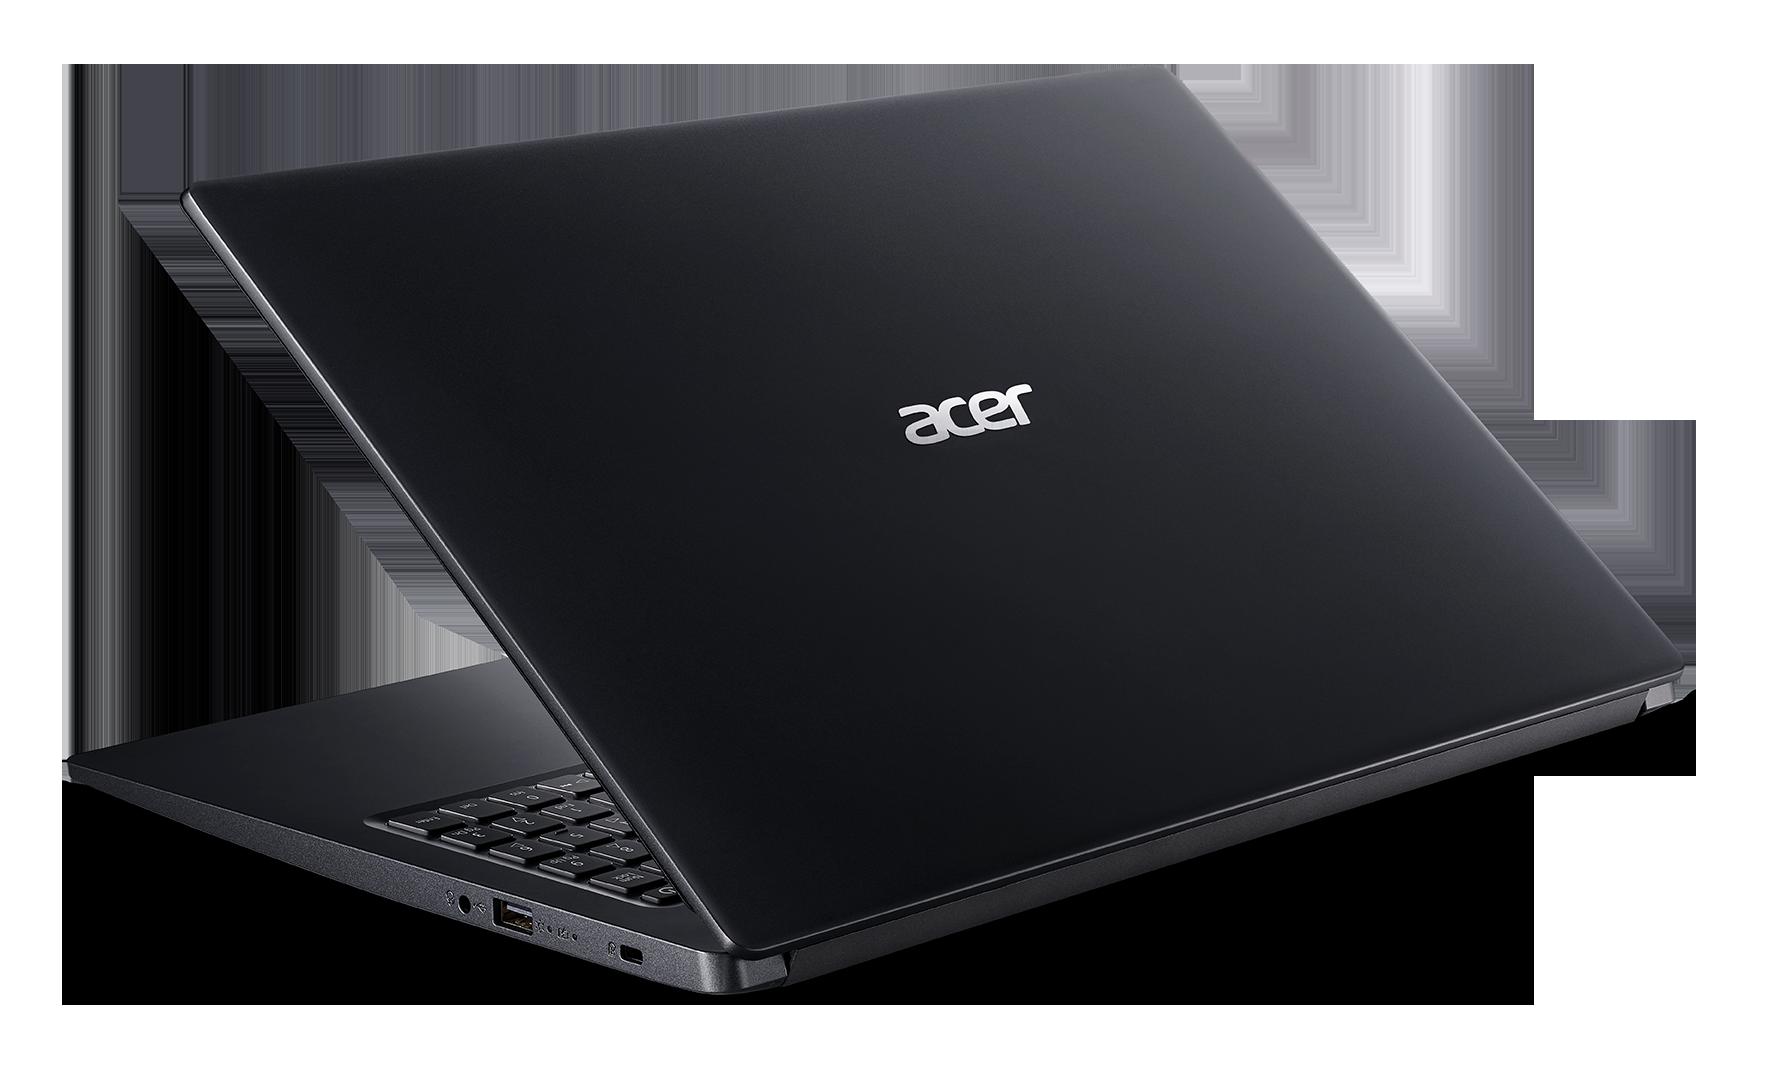 Laptop Acer Aspire 3 A315-56-59XY, Core i5-1035G1(1.00 GHz,6MB), 4GBRAM, 256GBSSD, Intel UHD Graphics, 15.6FHD, WC, Wlan ac+BT, 36Wh, Win 10 Home, Đen(Shale Black),1Y WTY(NX.HS5SV.003) – Hàng chính hãng